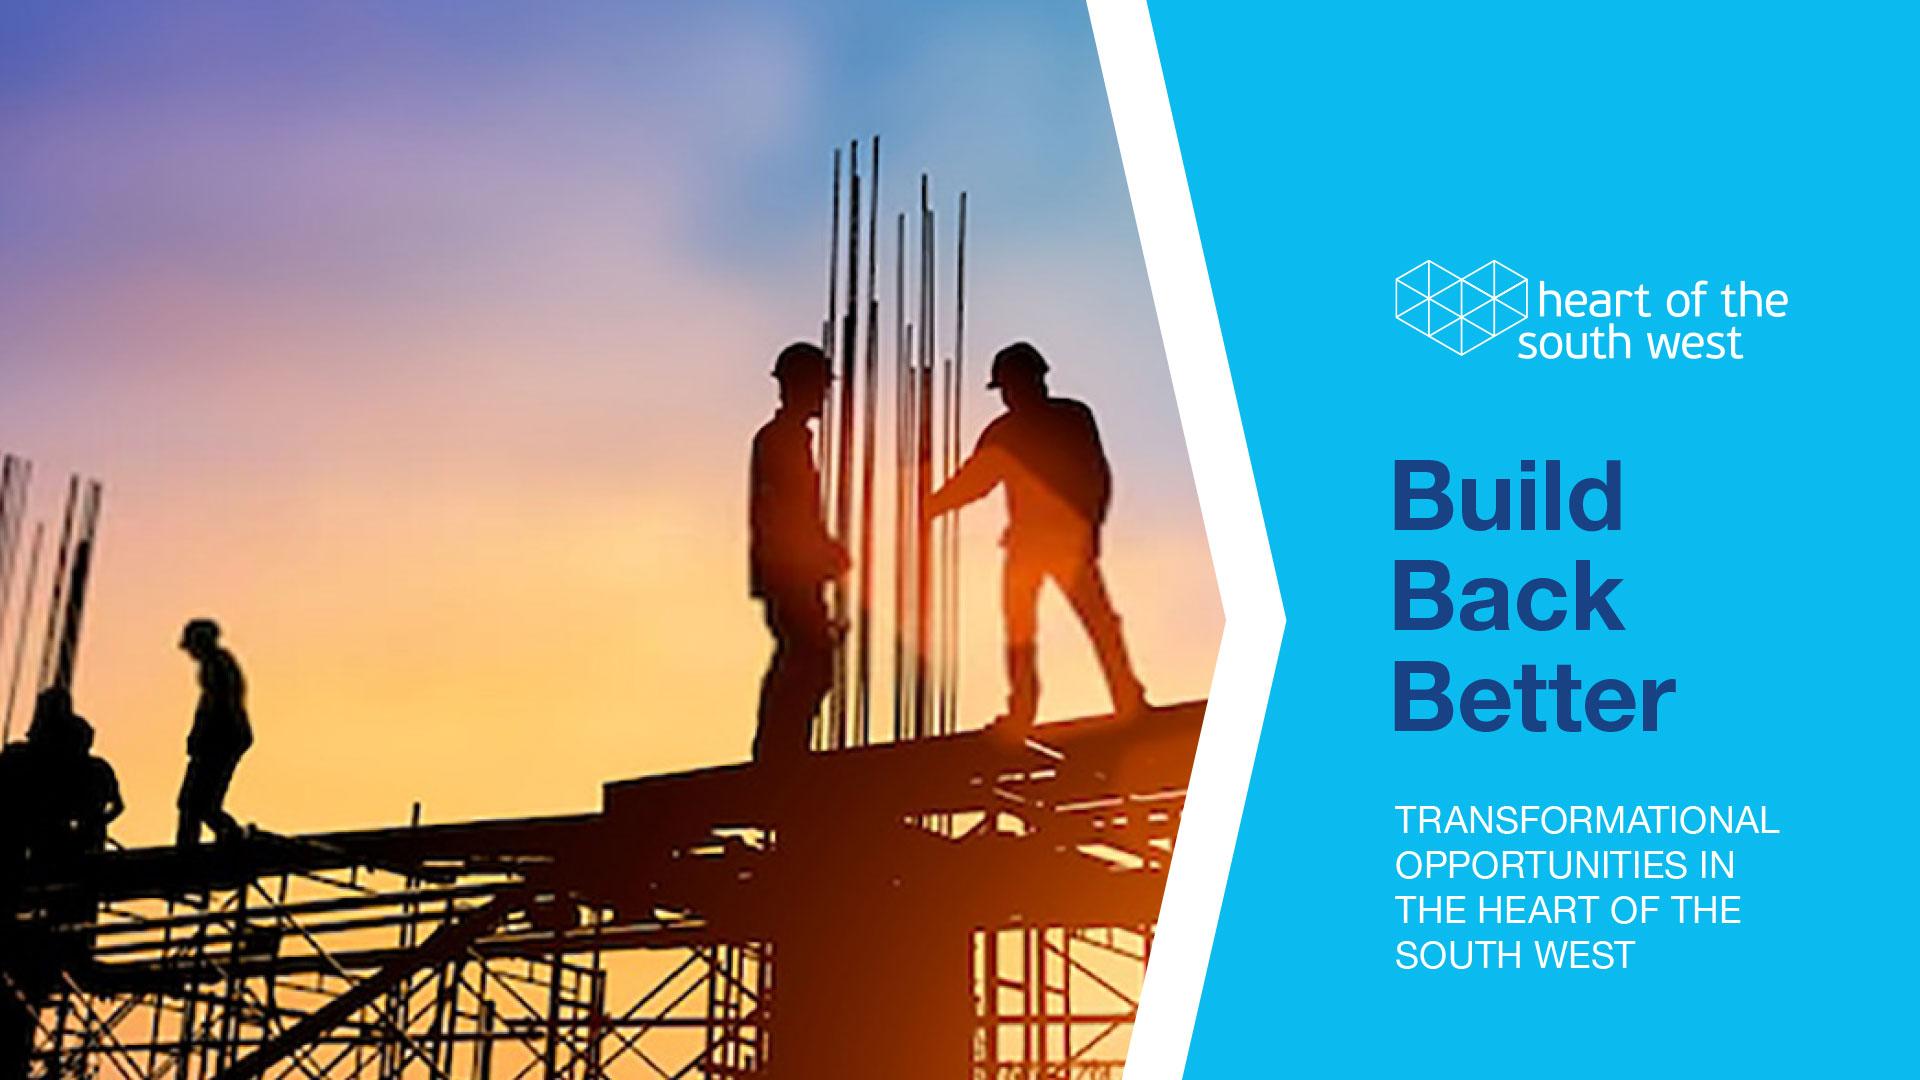 build-back-better